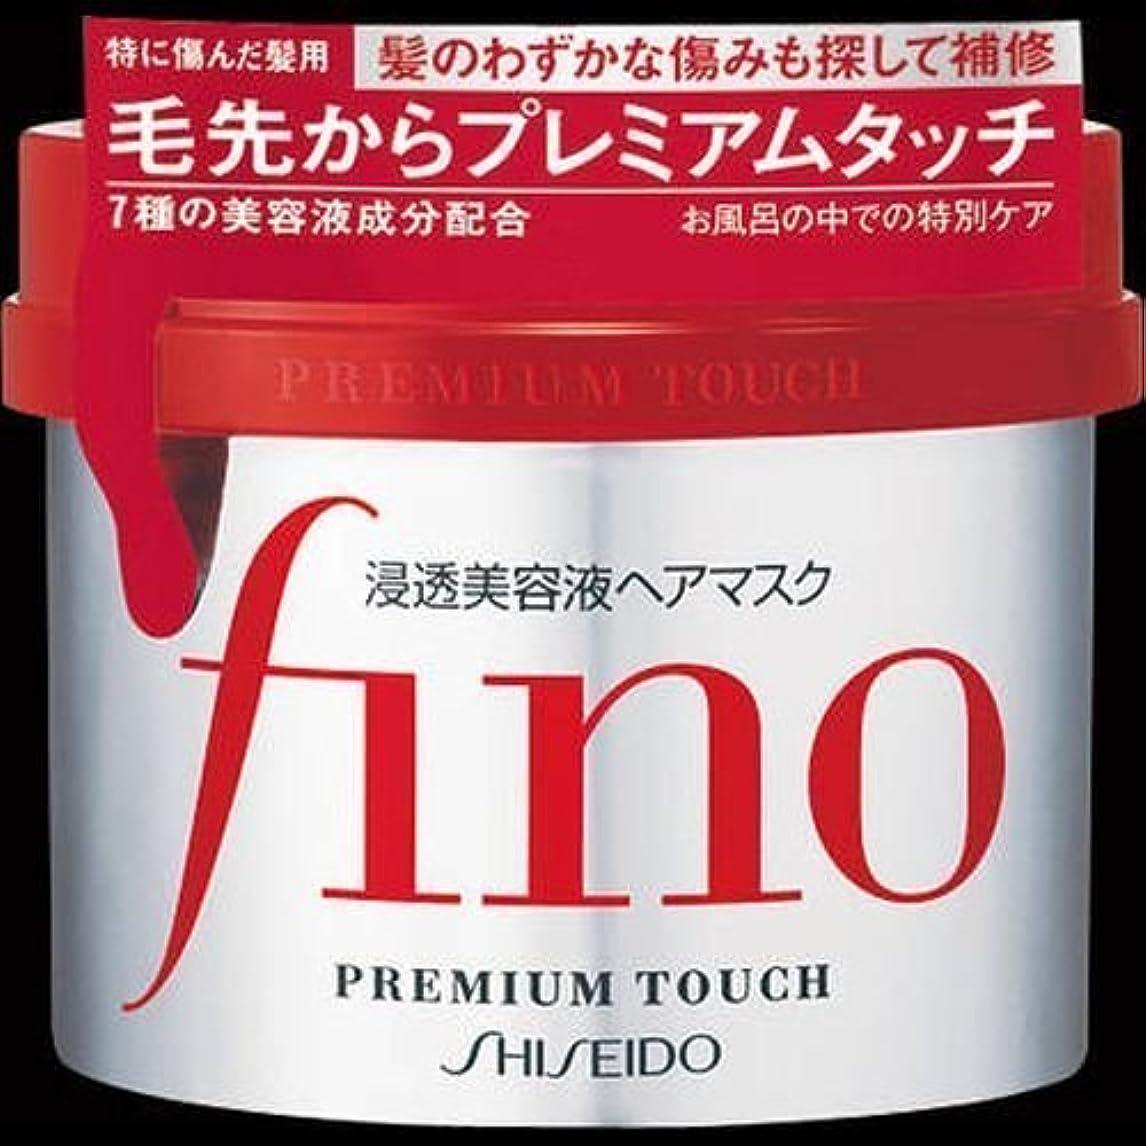 【まとめ買い】フィーノ プレミアムタッチ 浸透美容液 ヘアマスク 230g ×2セット